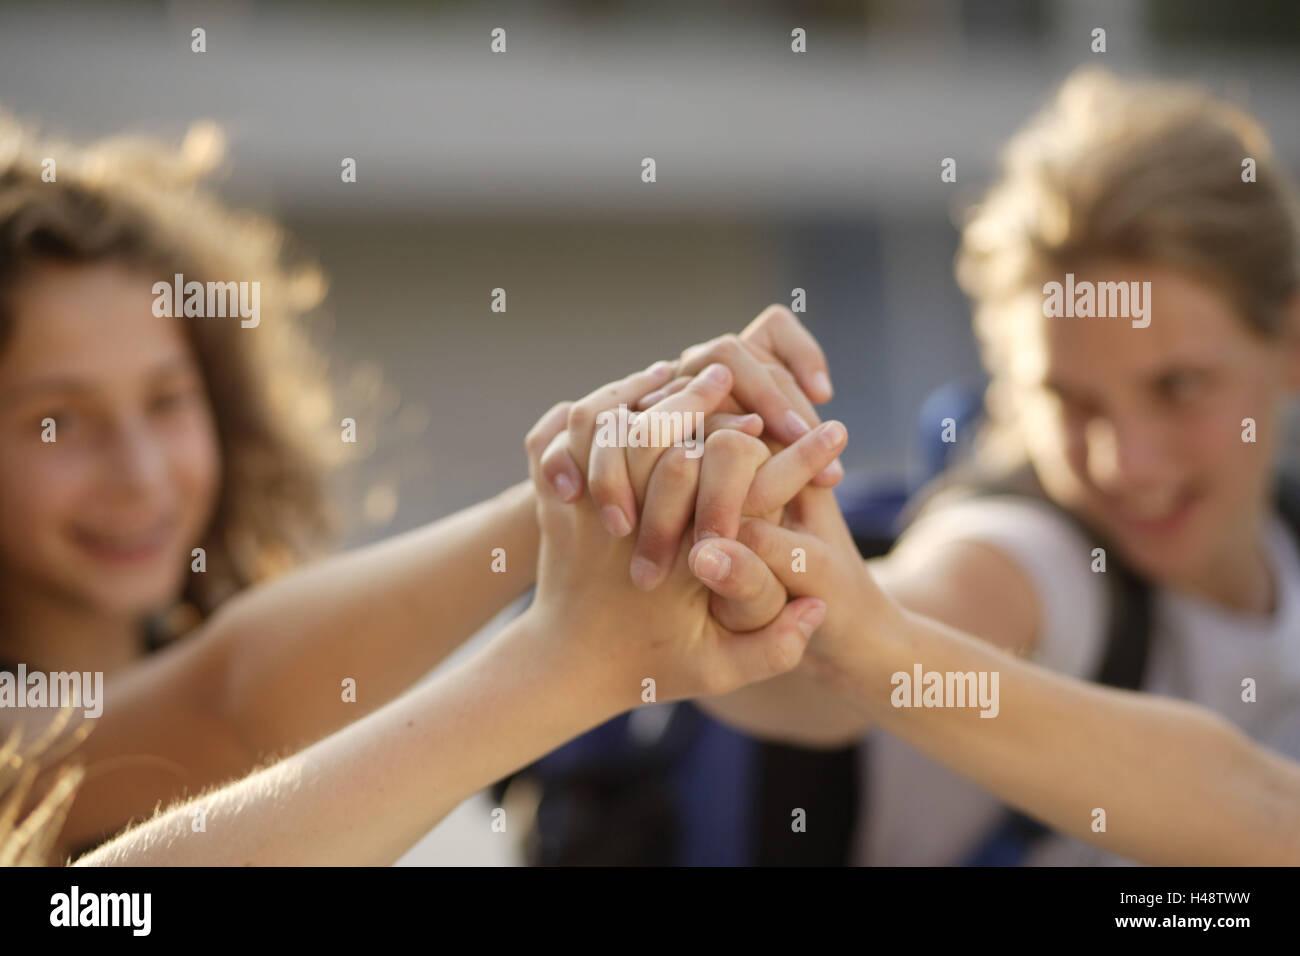 Mädchen, Freunde, Hände, Icon, Freundschaft, Zusammenhalt, mittlere Nahaufnahme, Detail, Stockbild